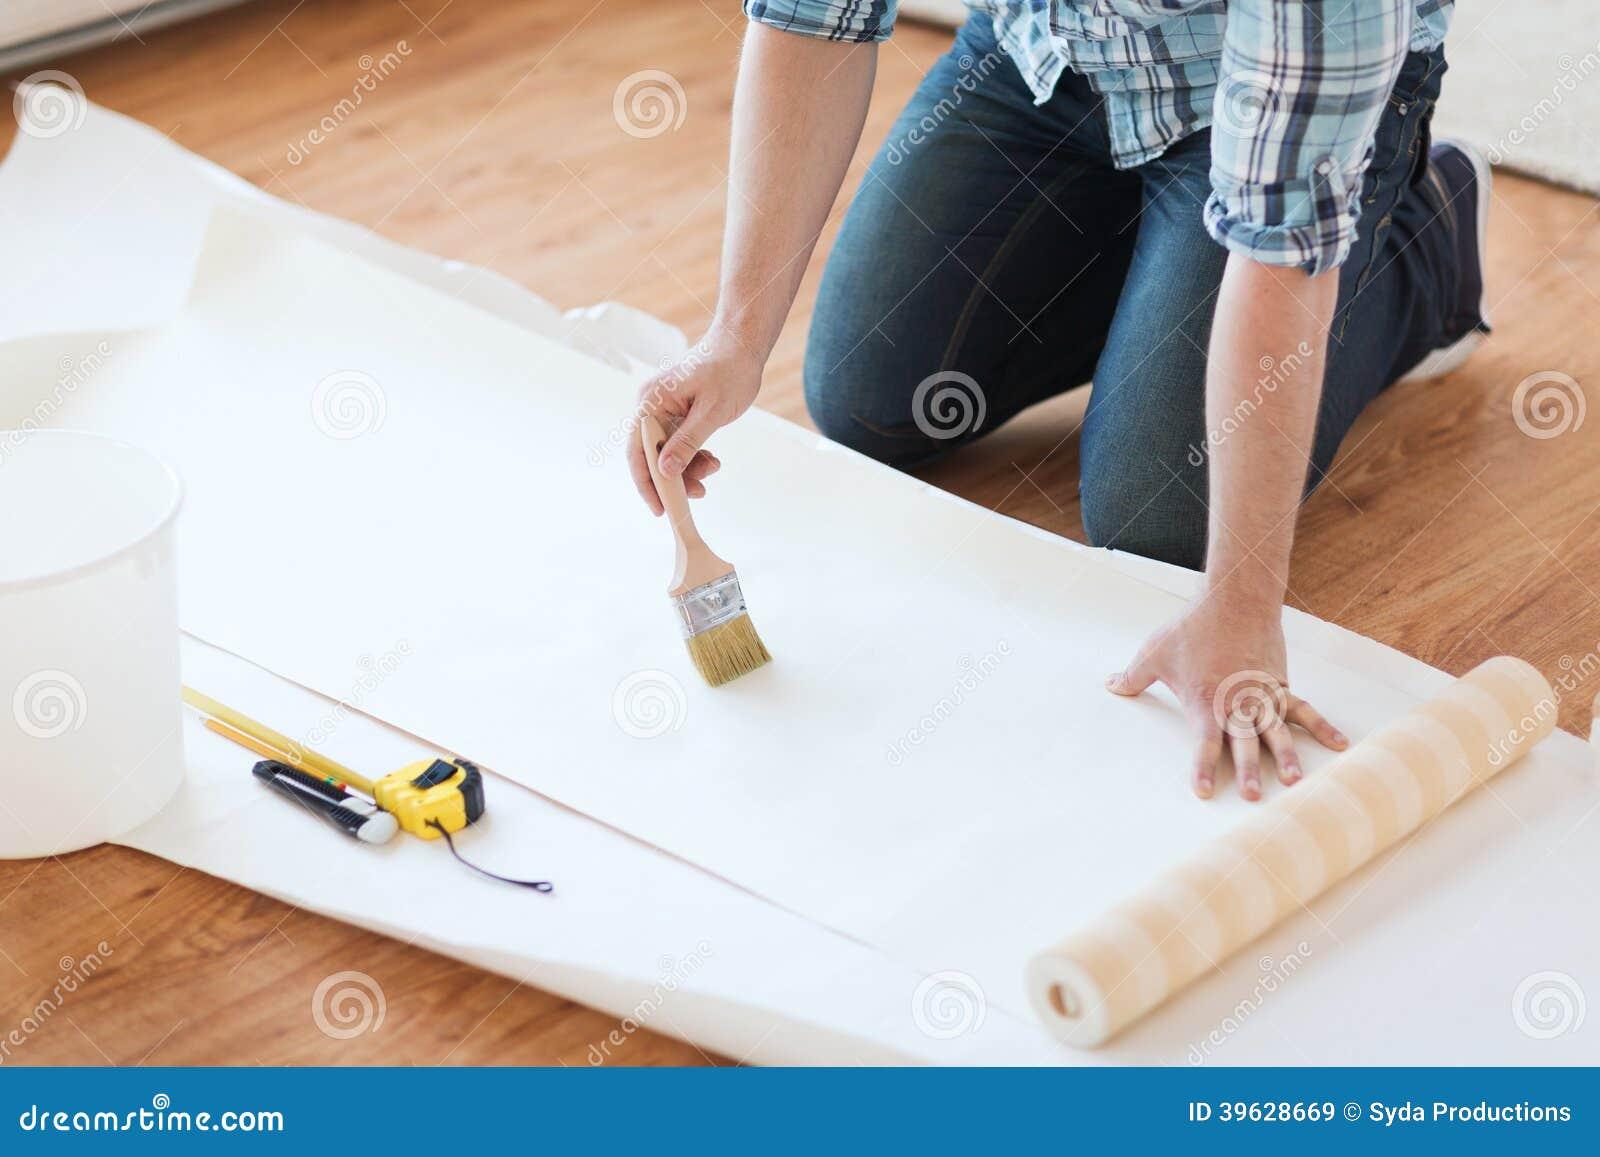 Изготовление жидких обоев в домашних условиях: инструкции 22